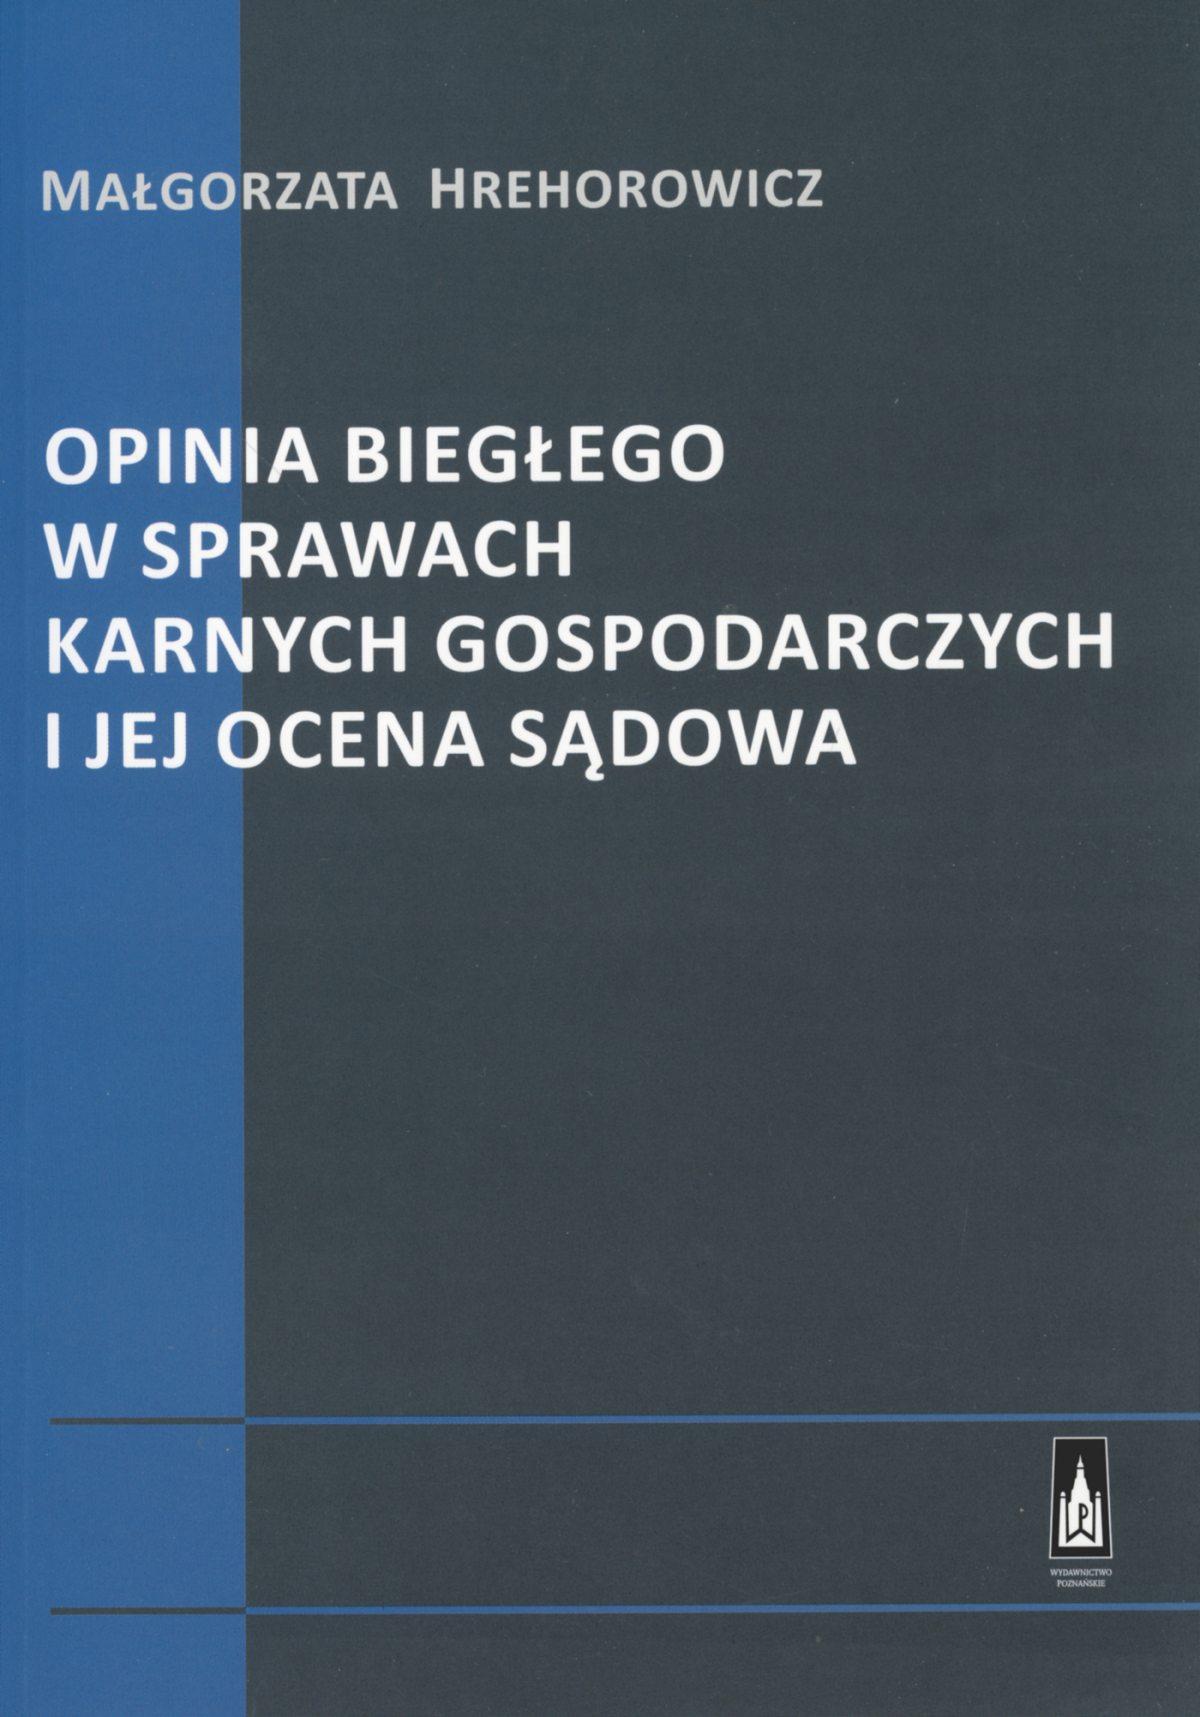 Opinia biegłego w sprawach karnych gospodarczych i jej ocena sądowa - Ebook (Książka na Kindle) do pobrania w formacie MOBI